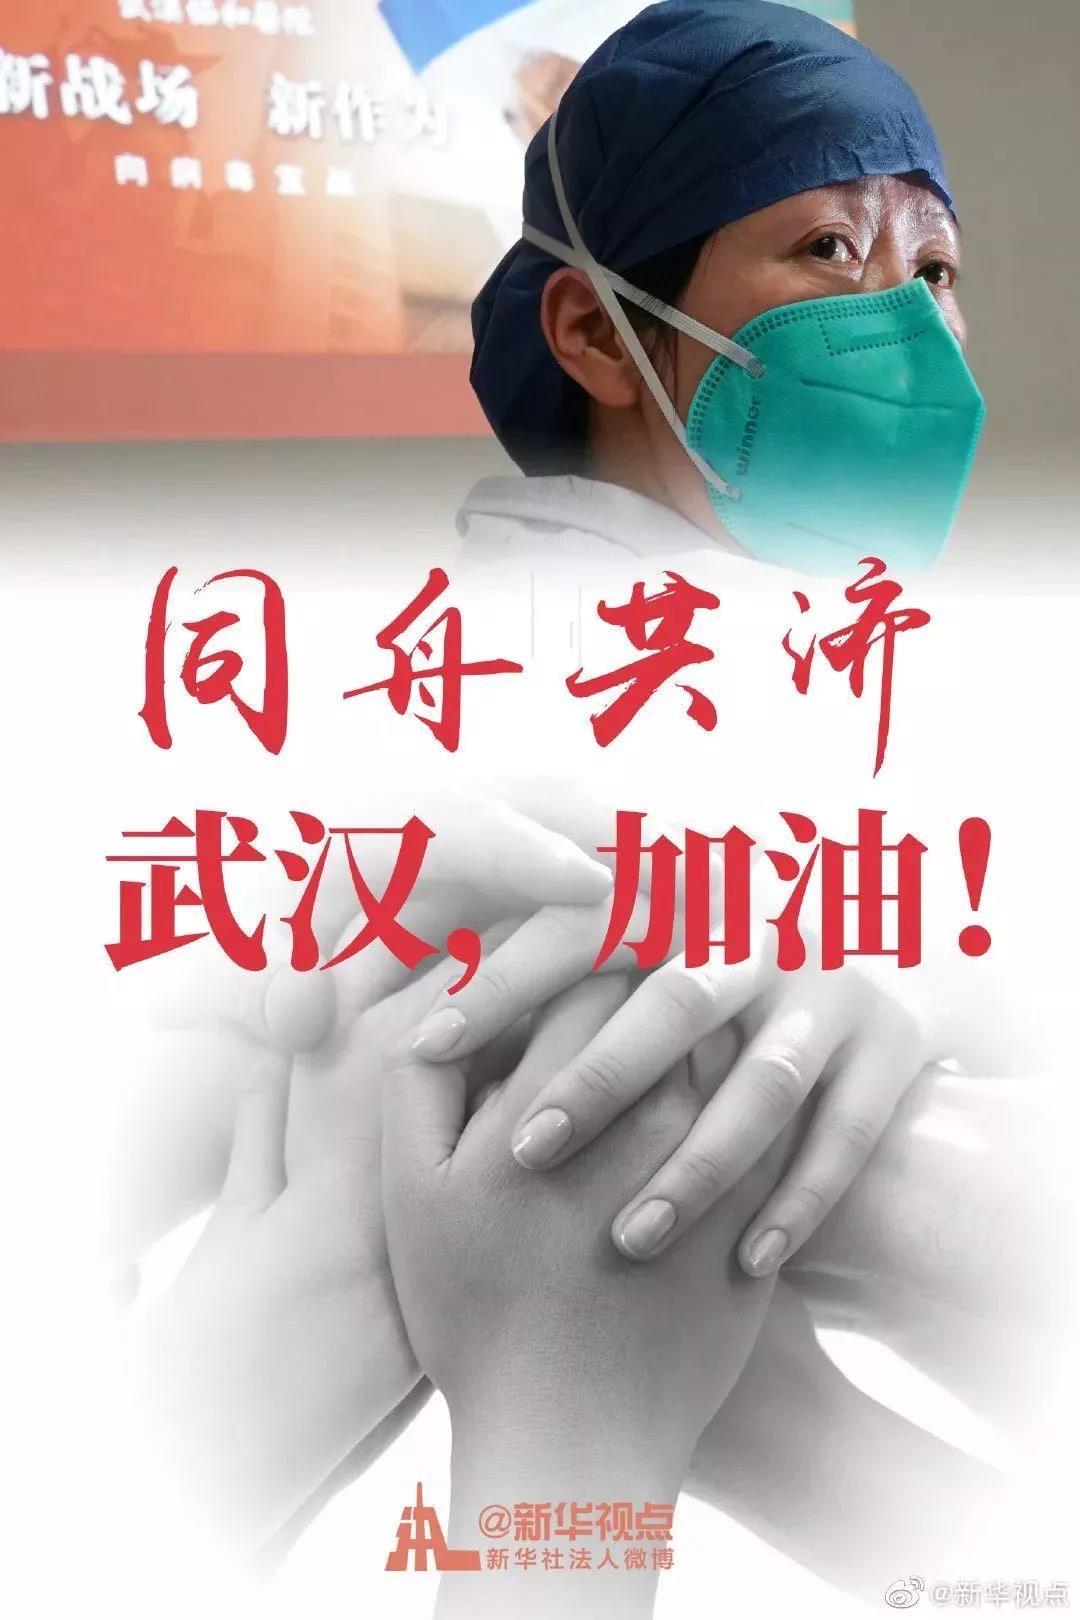 转扩!武汉开通24小时电话接收社会各界爱心捐赠